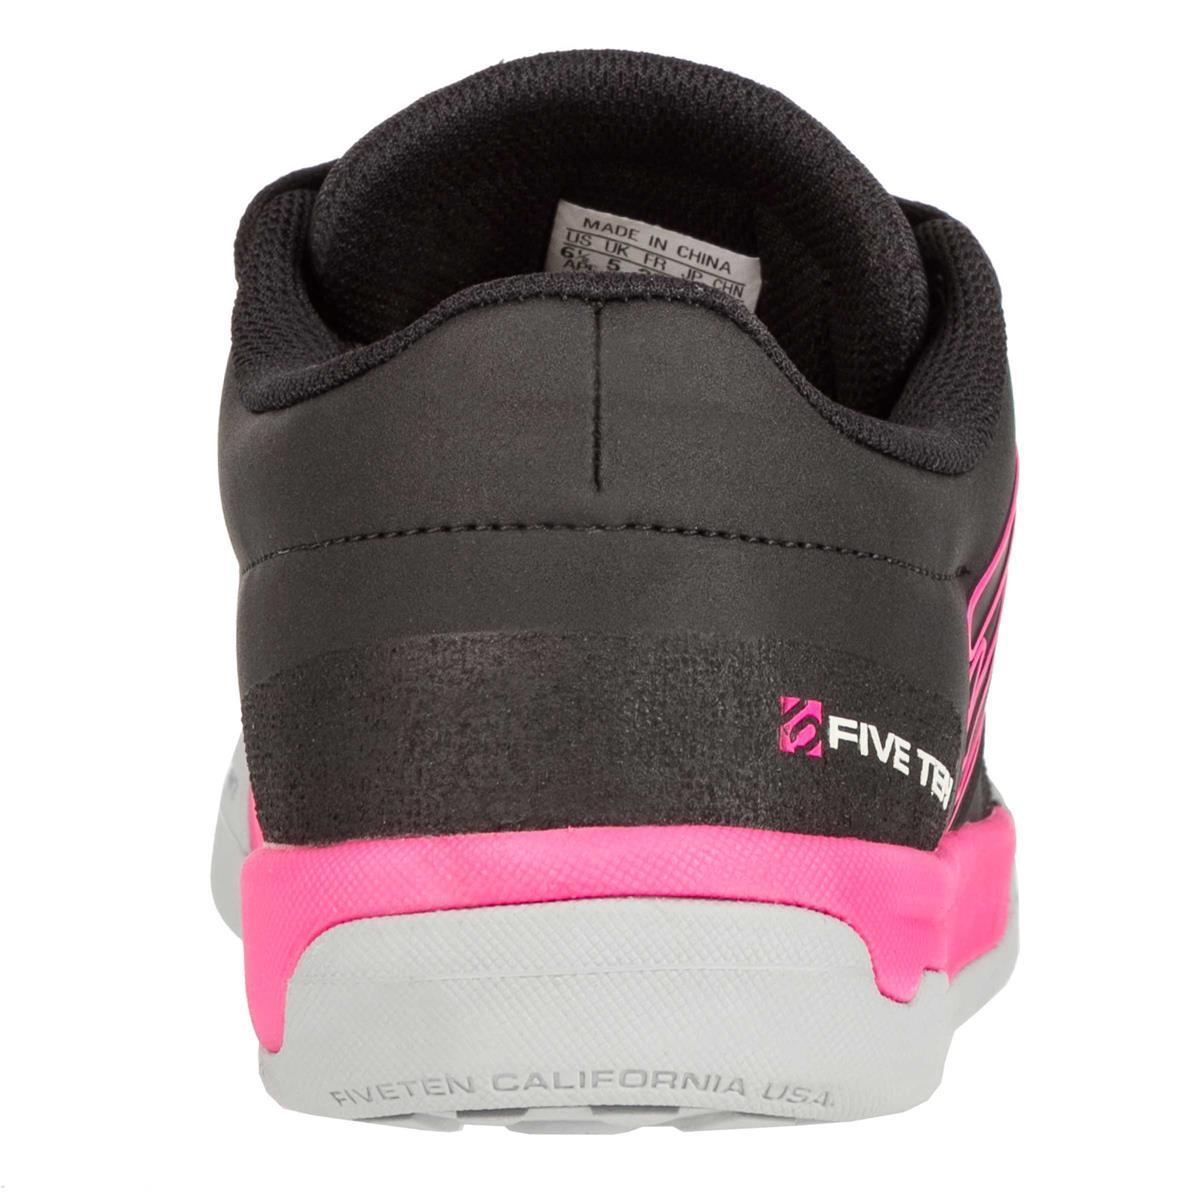 Details zu Five Ten Girls MTB Schuhe Freerider Pro Core BlackClear OnixShock Pink